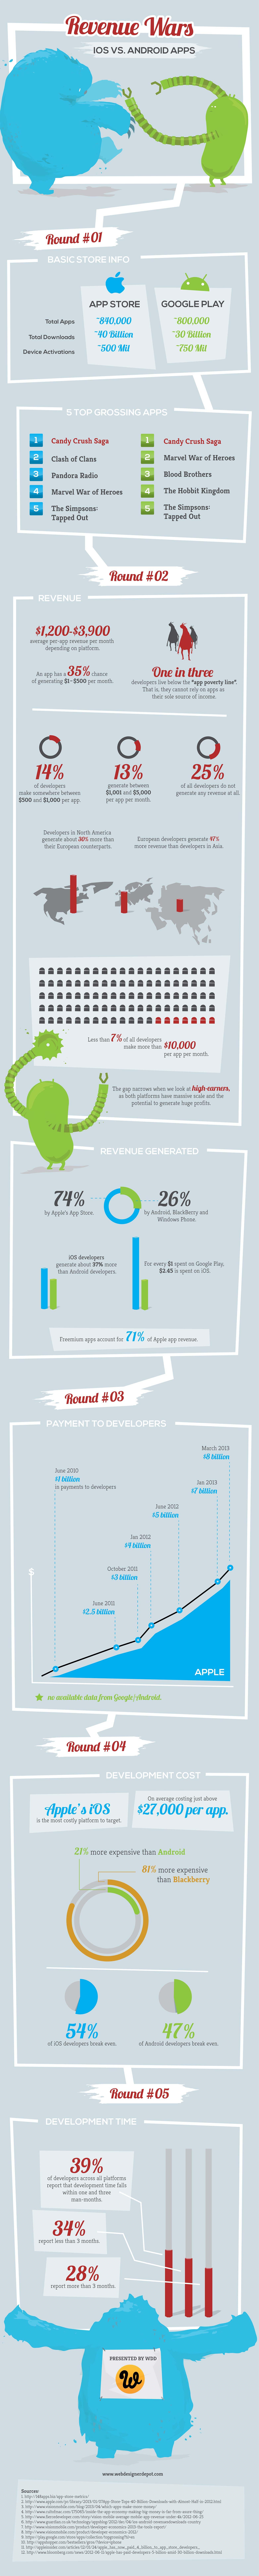 iOS vs Android App Development-Infographic